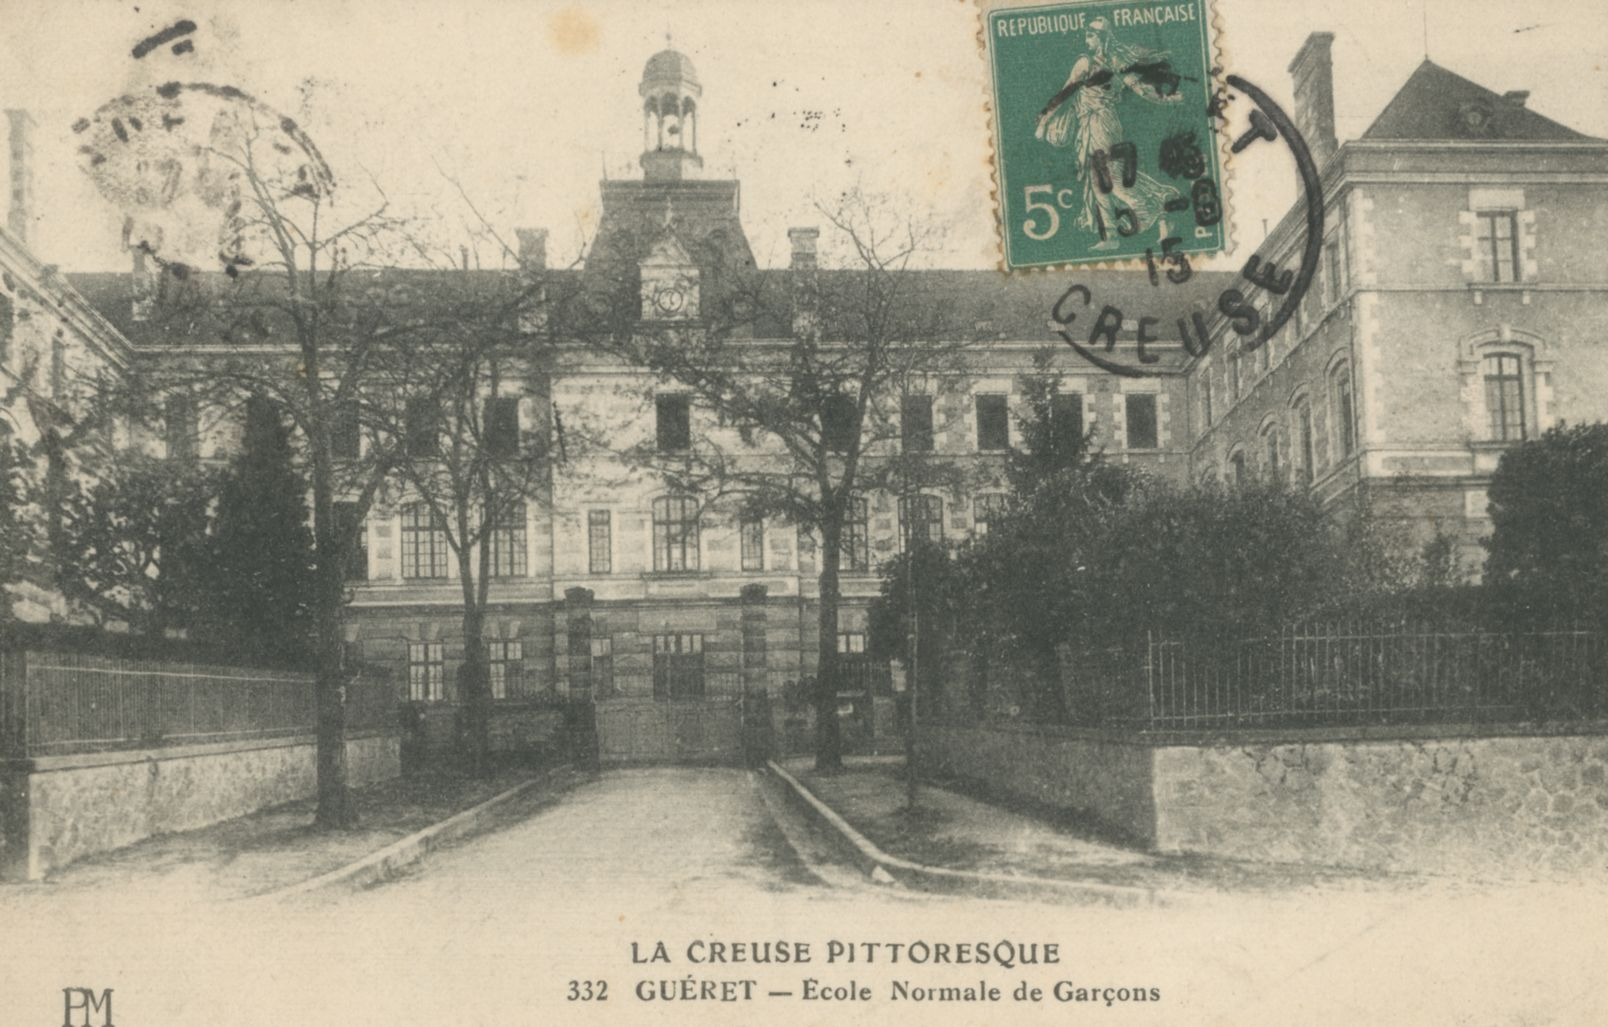 GUERET, Ecole Normale de Garçons - Bfm Limoges.